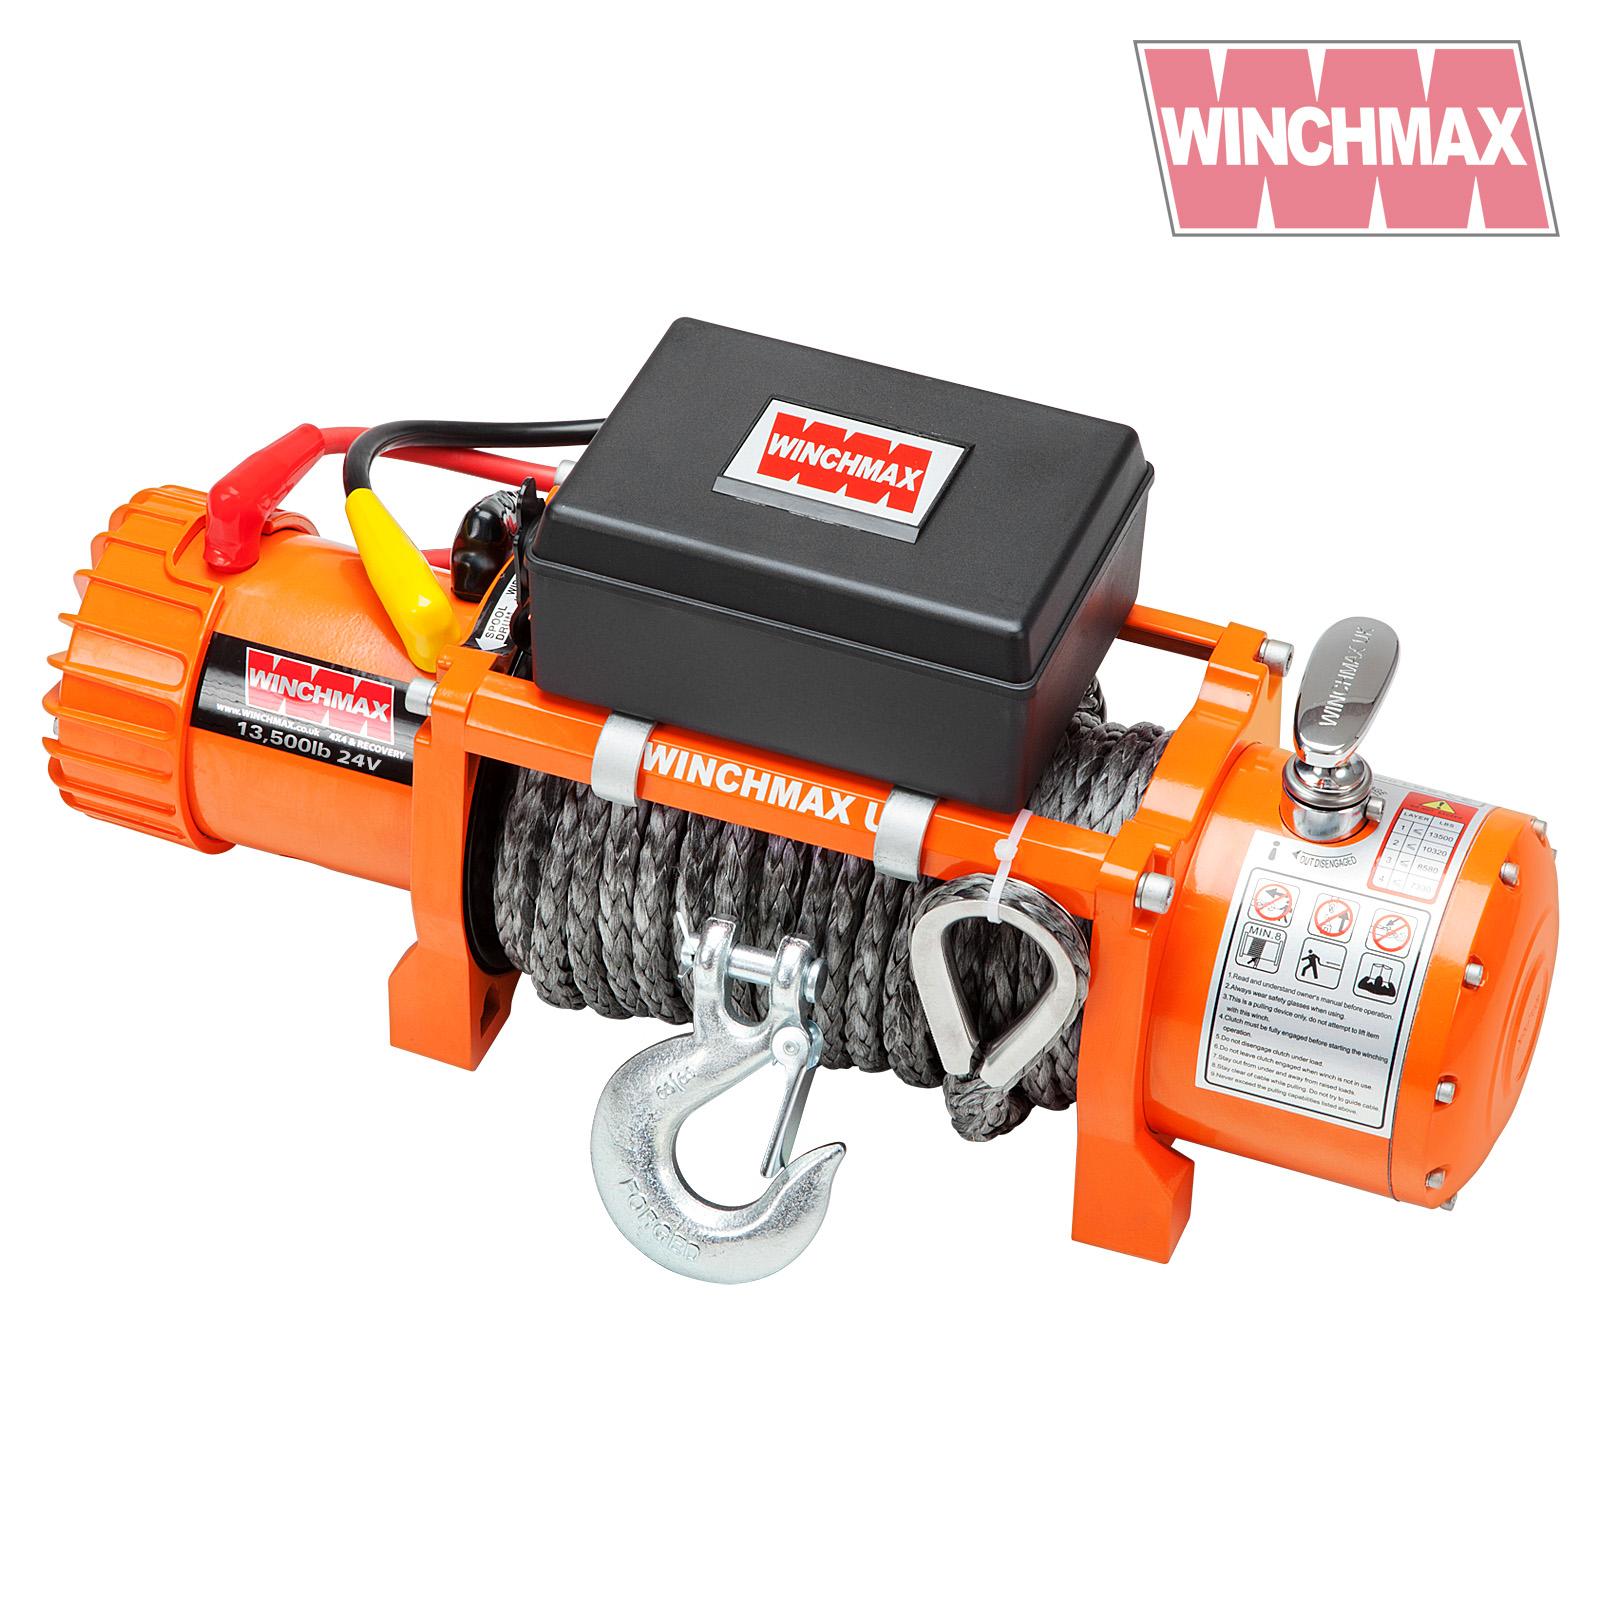 Wm1350024vrs winchmax 05